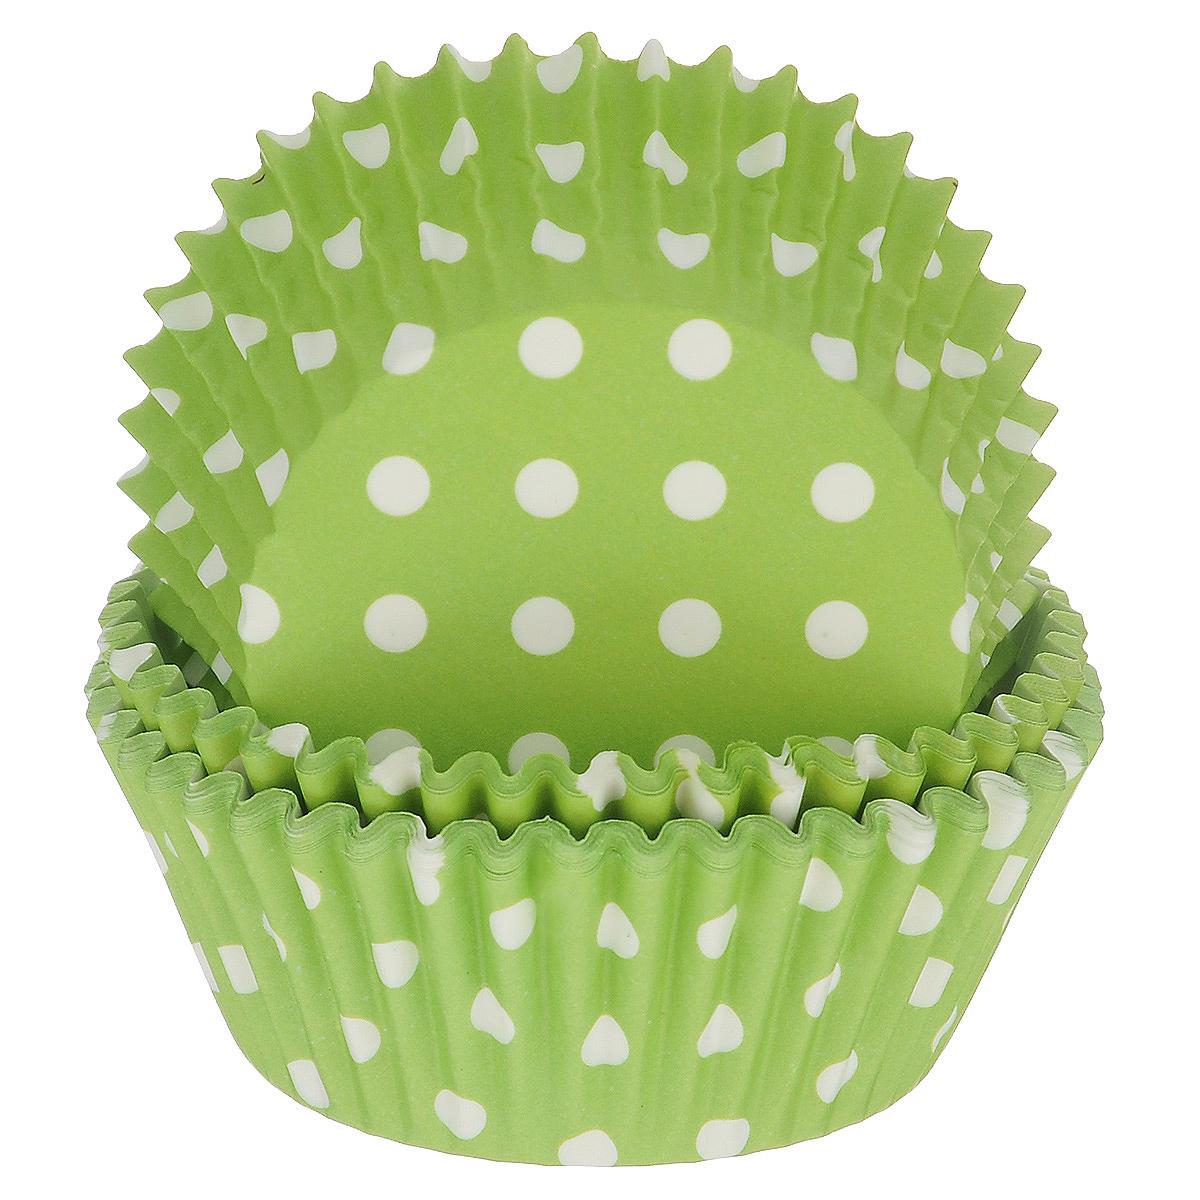 Набор бумажных форм для кексов Dolce Arti Горошек, цвет: зеленый, диаметр 5 см, 50 штDA080207Набор Dolce Arti Горошек состоит из 50 бумажных форм для кексов, оформленных принтом в горох. Они предназначены для выпечки и упаковки кондитерских изделий, также могут использоваться для сервировки орешков, конфет и много другого. Для одноразового применения. Гофрированные бумажные формы идеальны для выпечки кексов, булочек и пирожных. Высота стенки: 3 см. Диаметр (по верхнему краю): 7 см. Диаметр дна: 5 см.